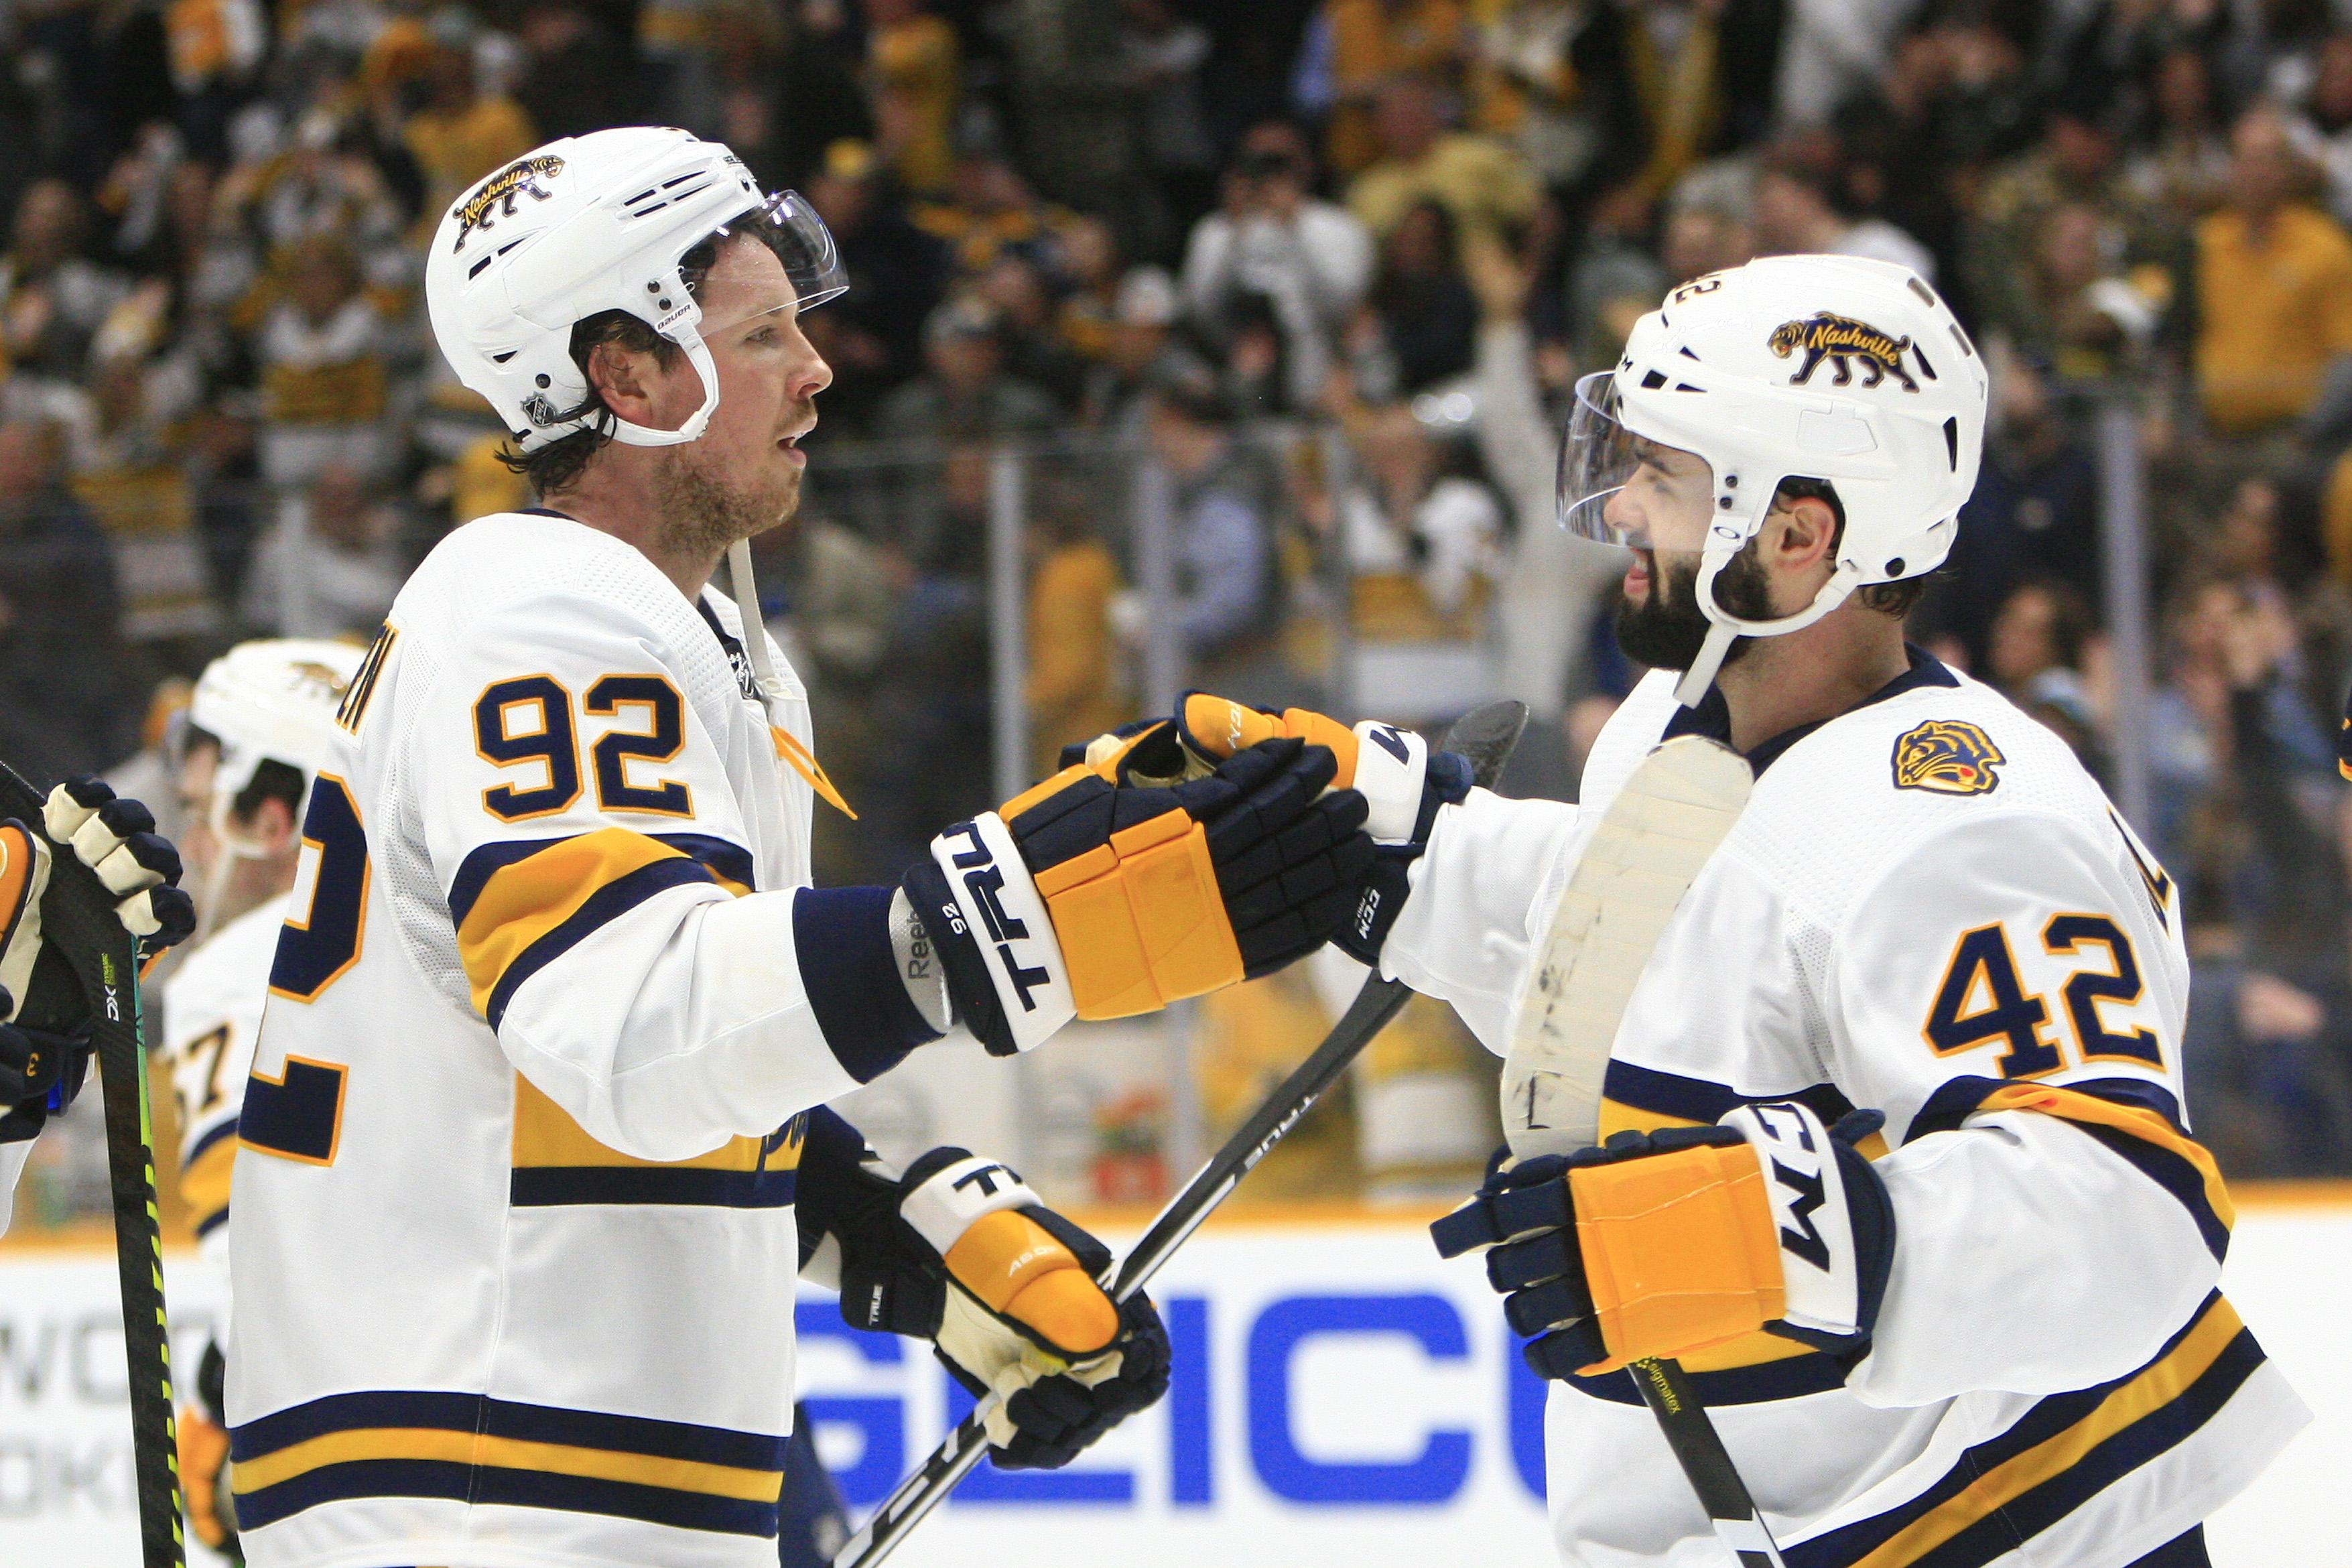 NHL: JAN 18 Sabres at Predators